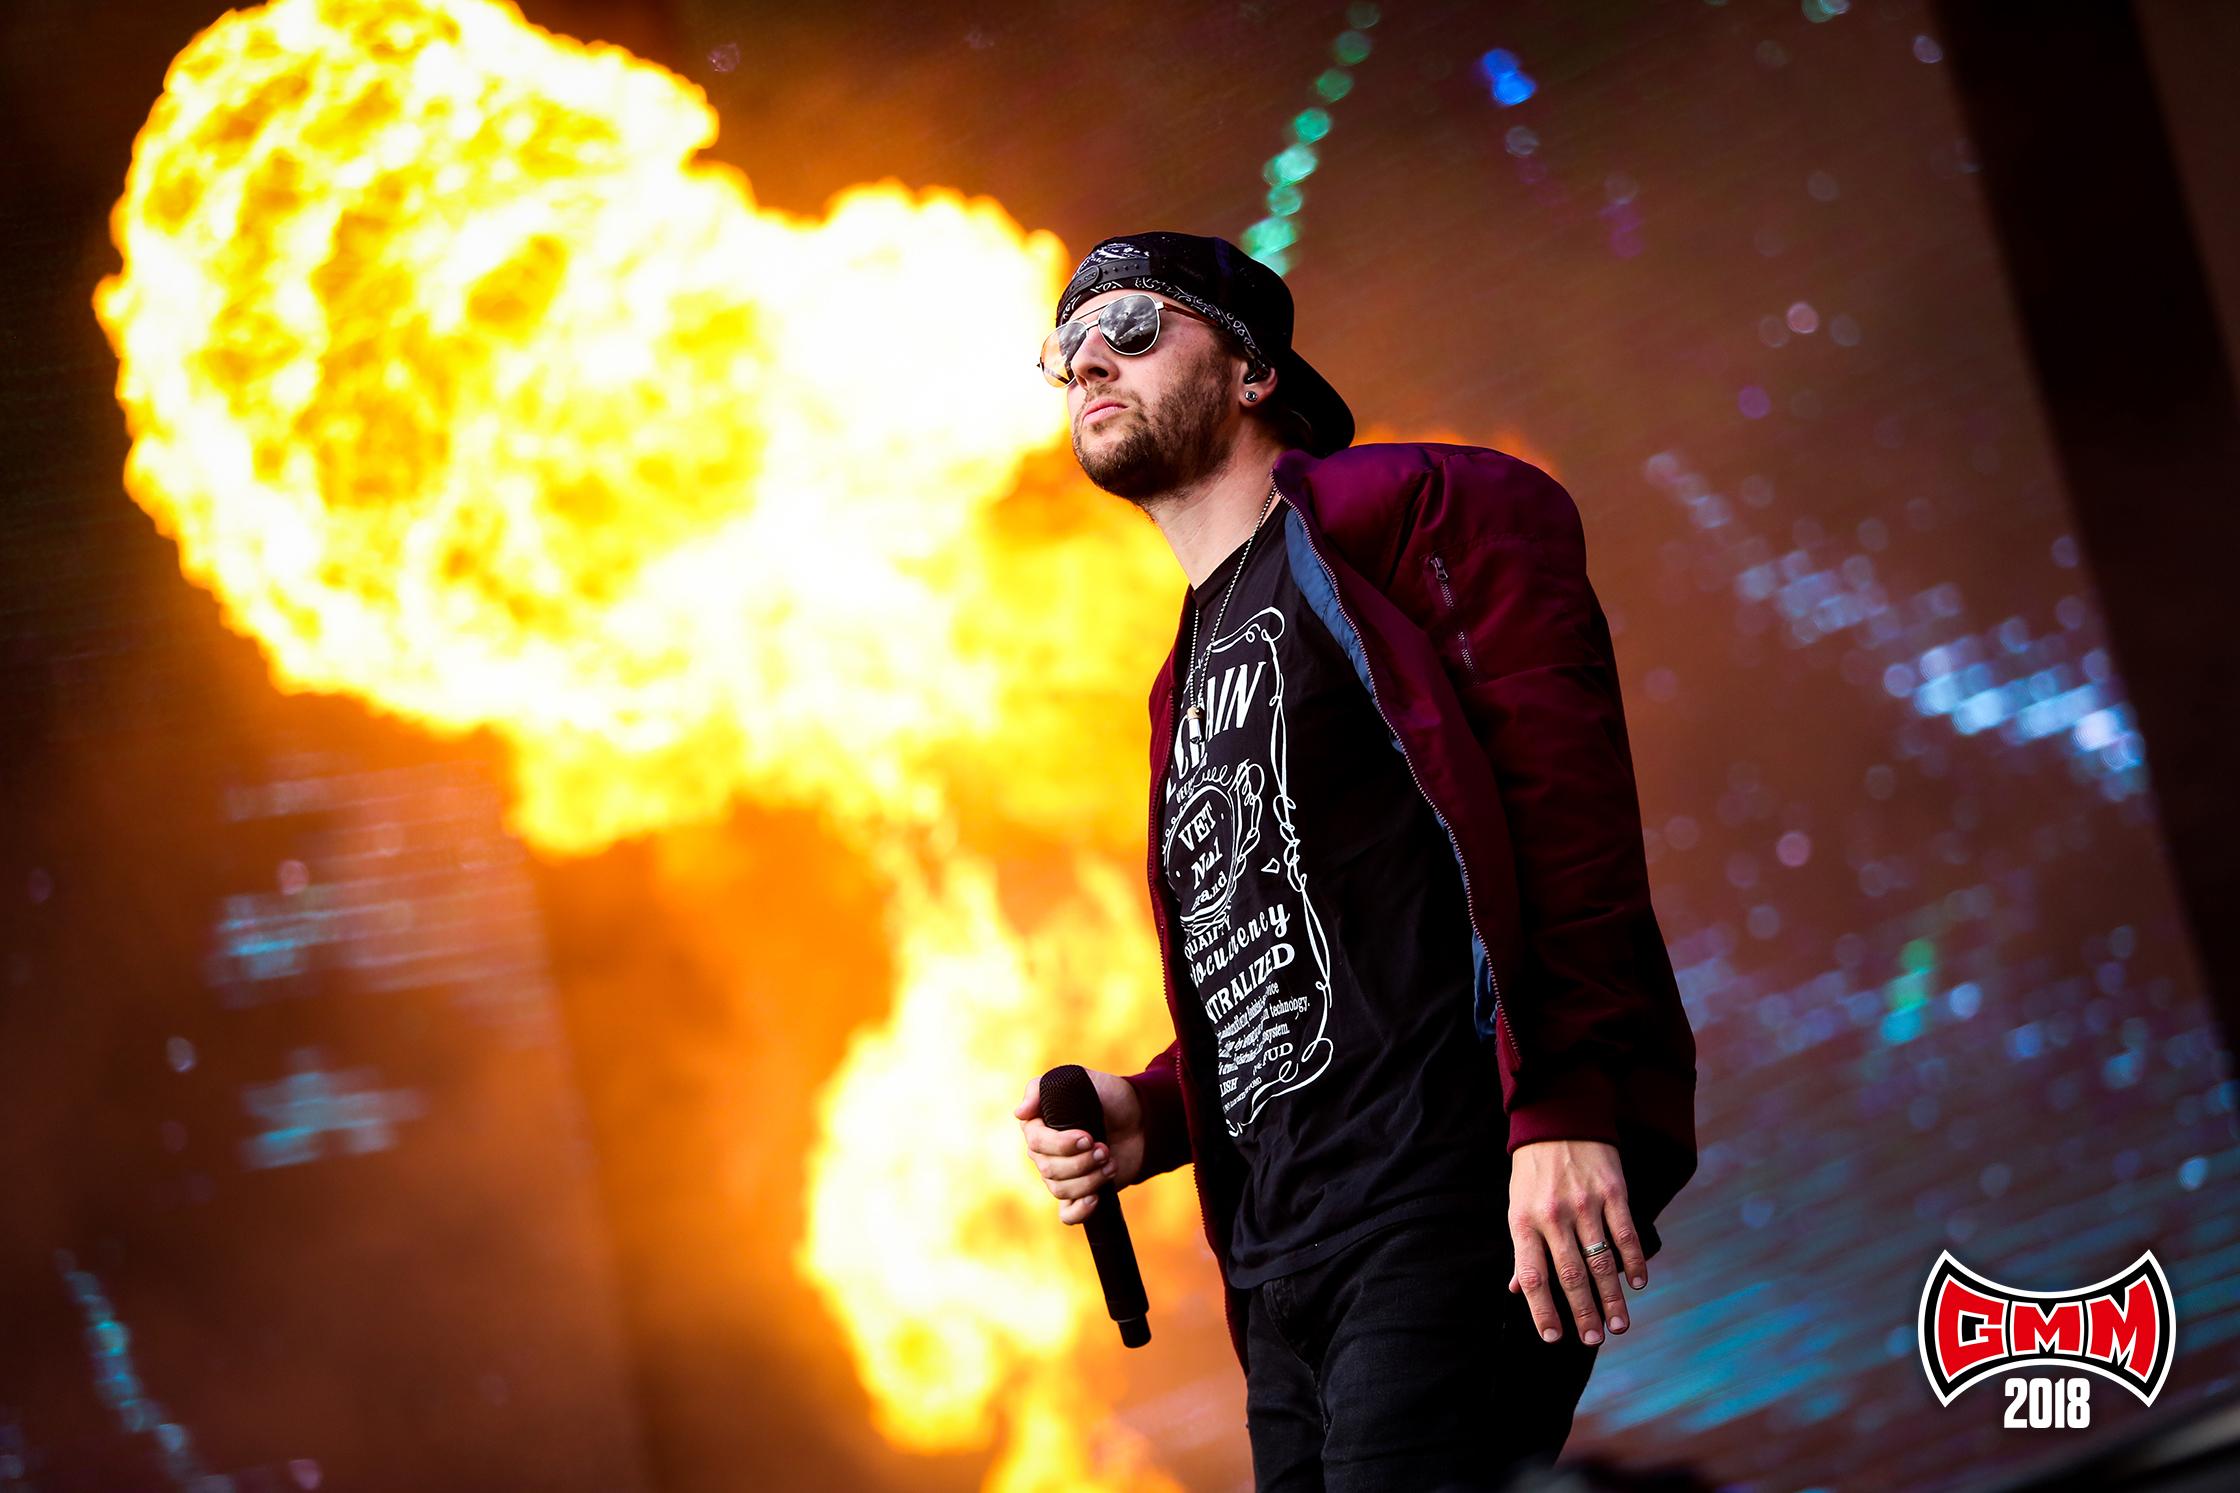 Avenged Sevenfold op Graspop 2018 - Foto: Tim Tronckoe (Graspop Metal Meeting) NIET GEBRUIKEN VOOR ANDERE ARTIKELEN!